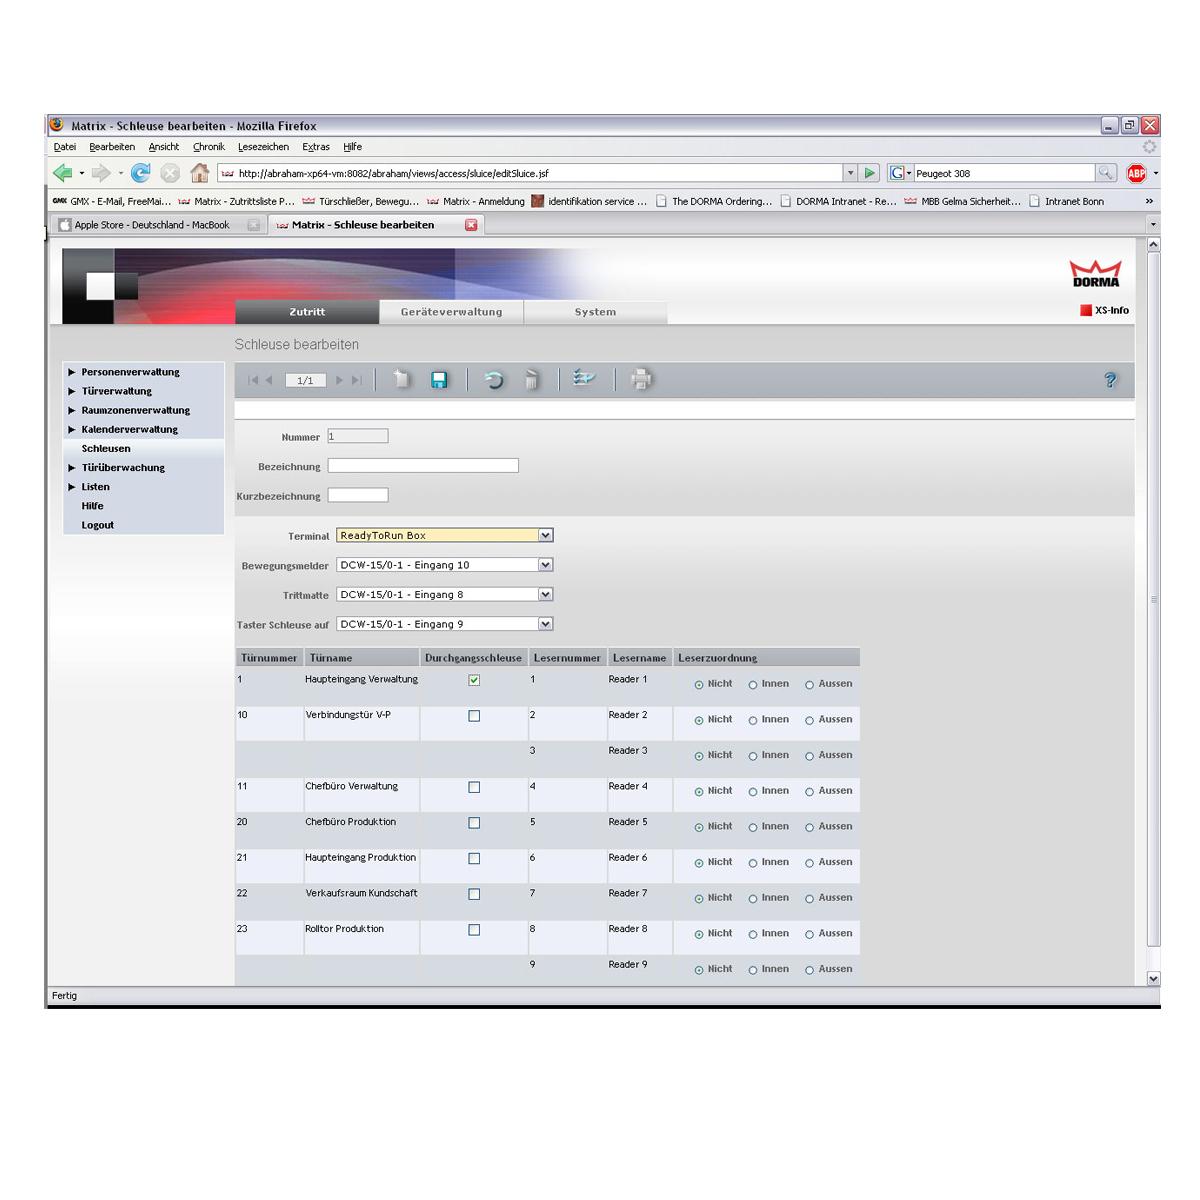 Dorma Matrix Professional Access Access Control System